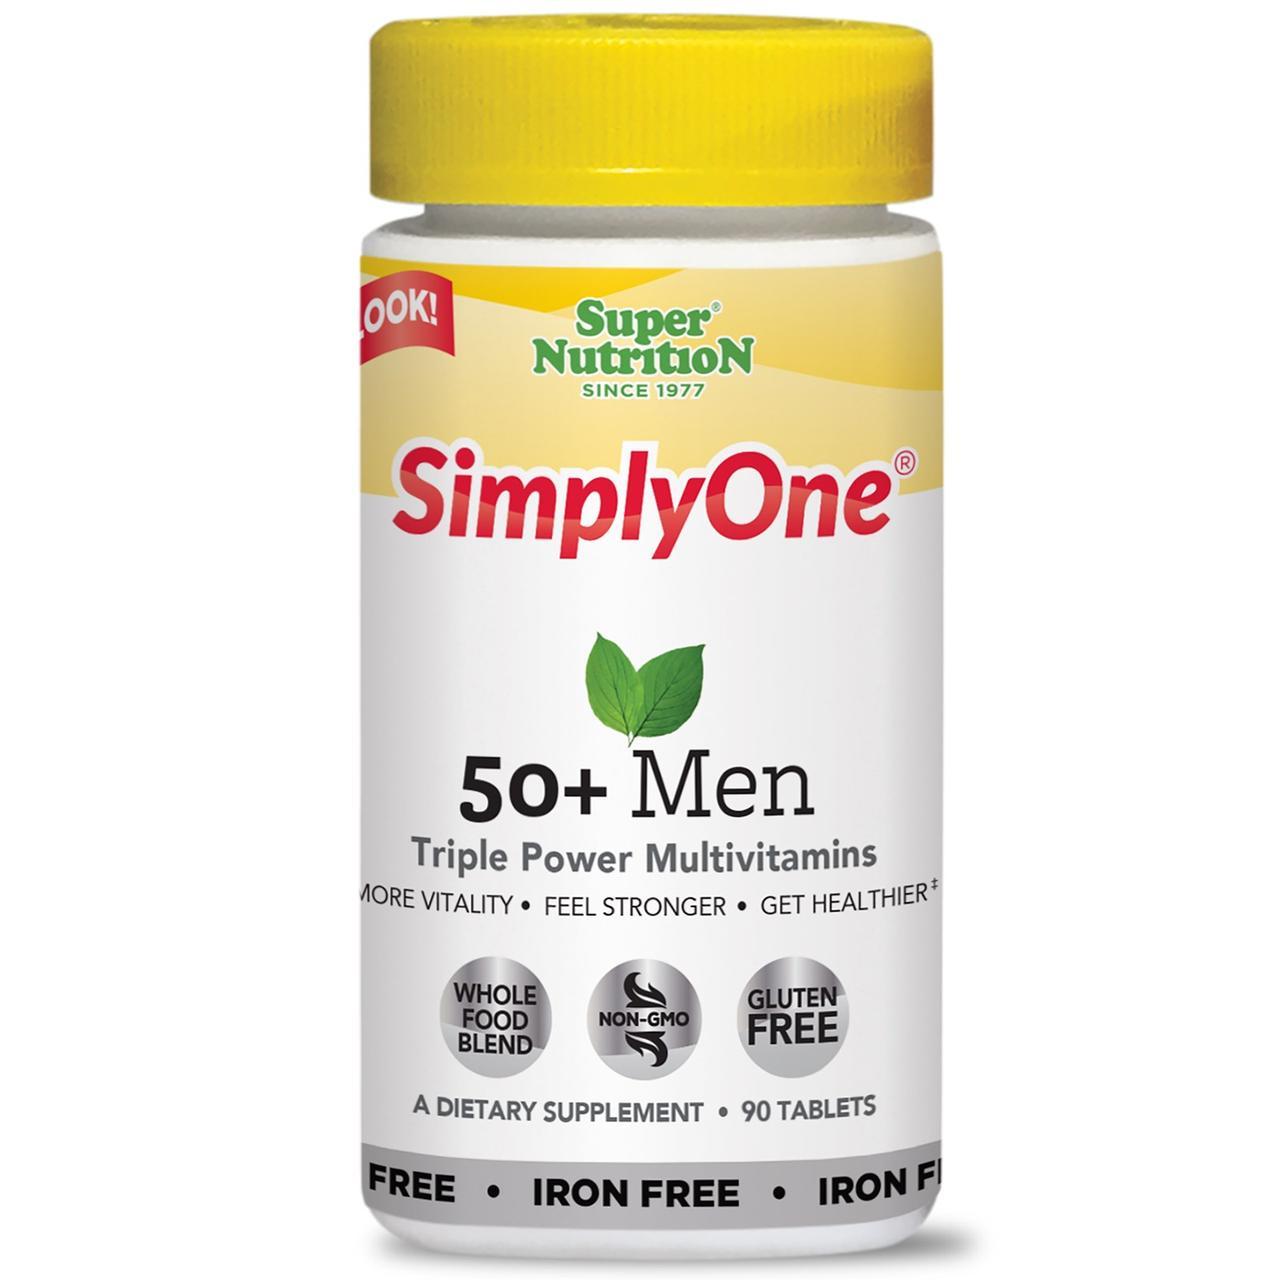 Super Nutrition, SimplyOne, тройные мощные поливитамины для мужчин старше 50 лет, без железа, 90 таблеток